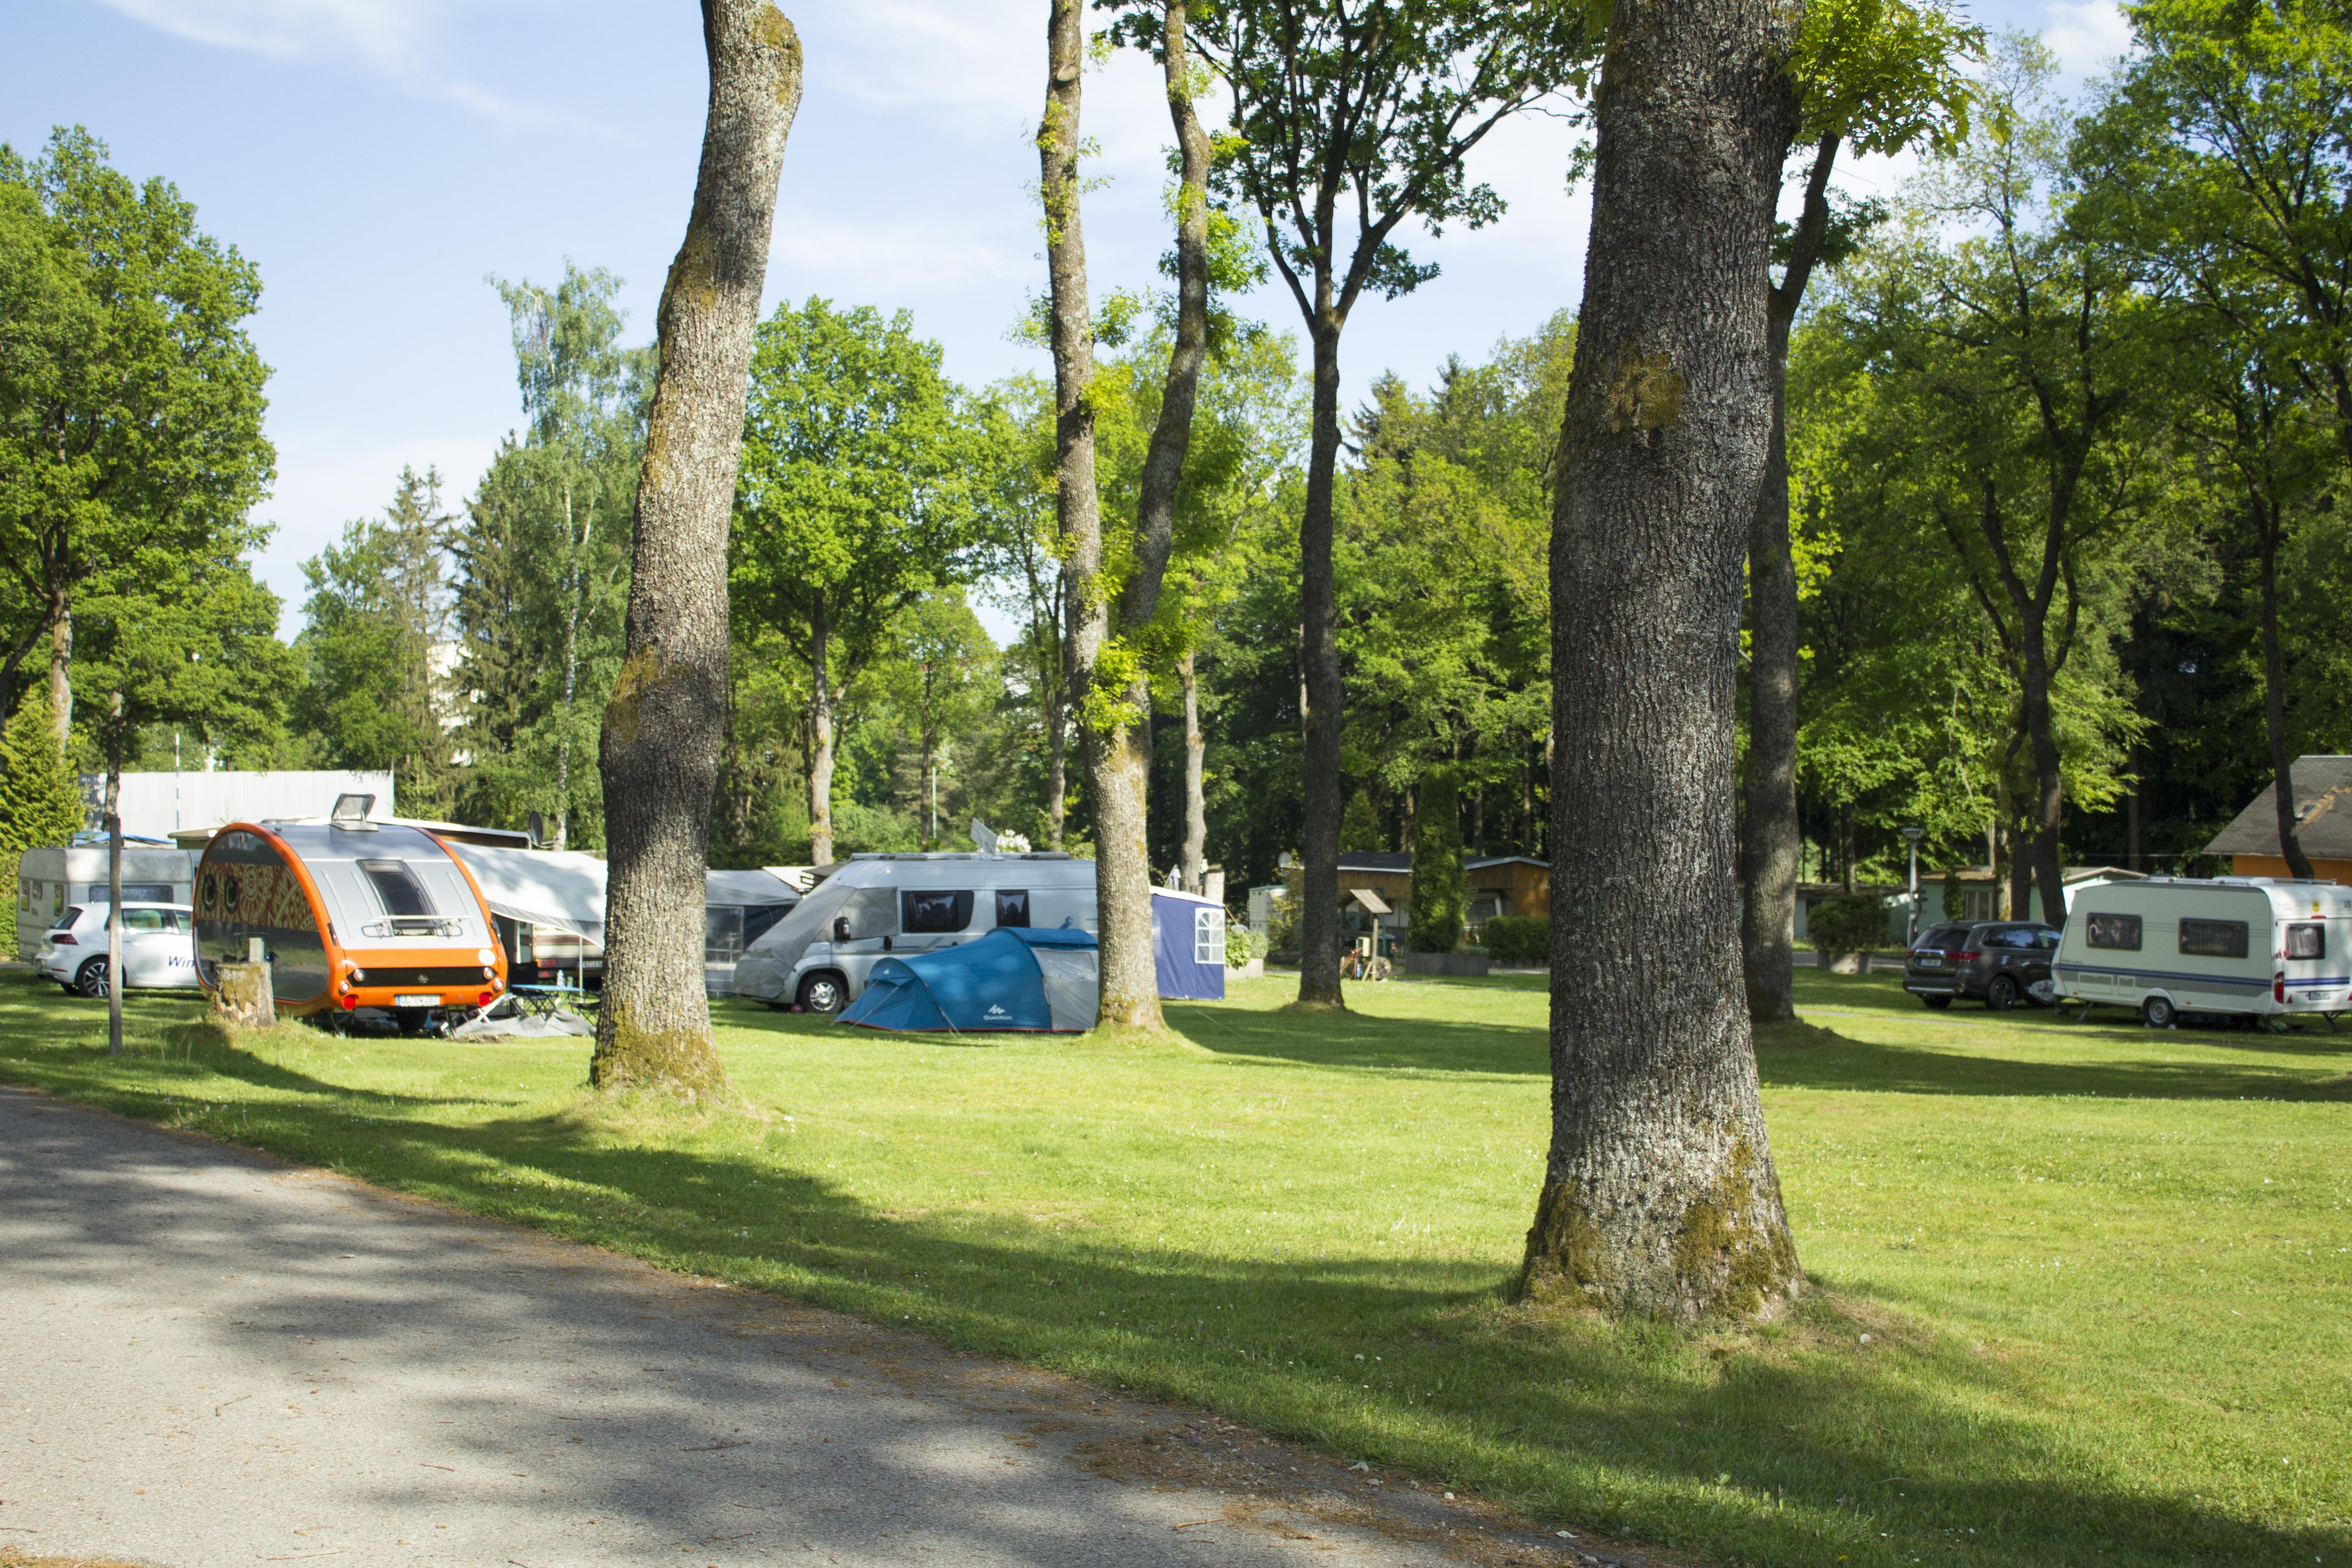 Camping041